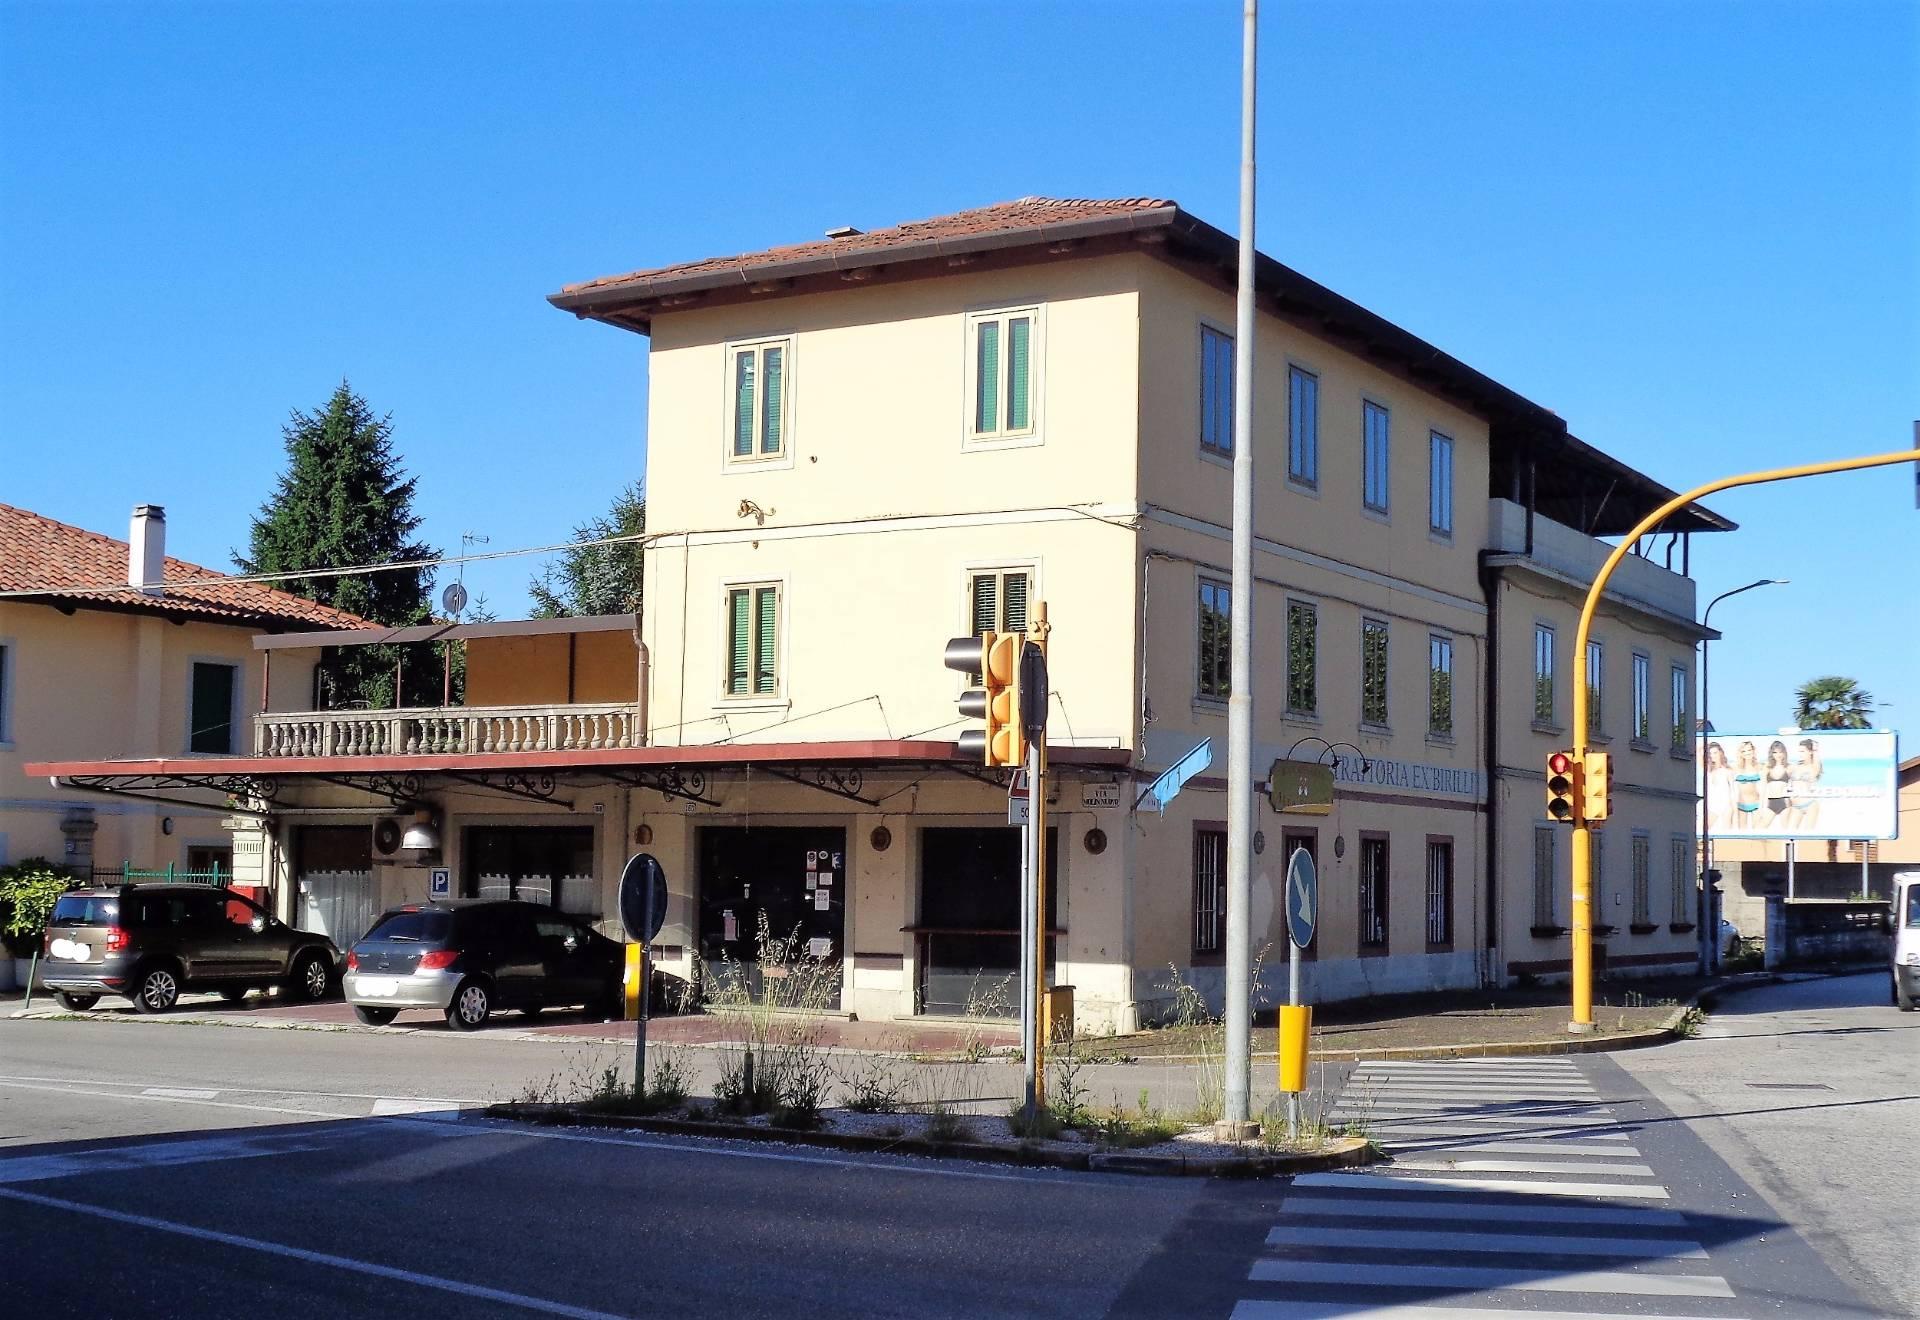 Negozio / Locale in vendita a Udine, 9999 locali, prezzo € 330.000   CambioCasa.it